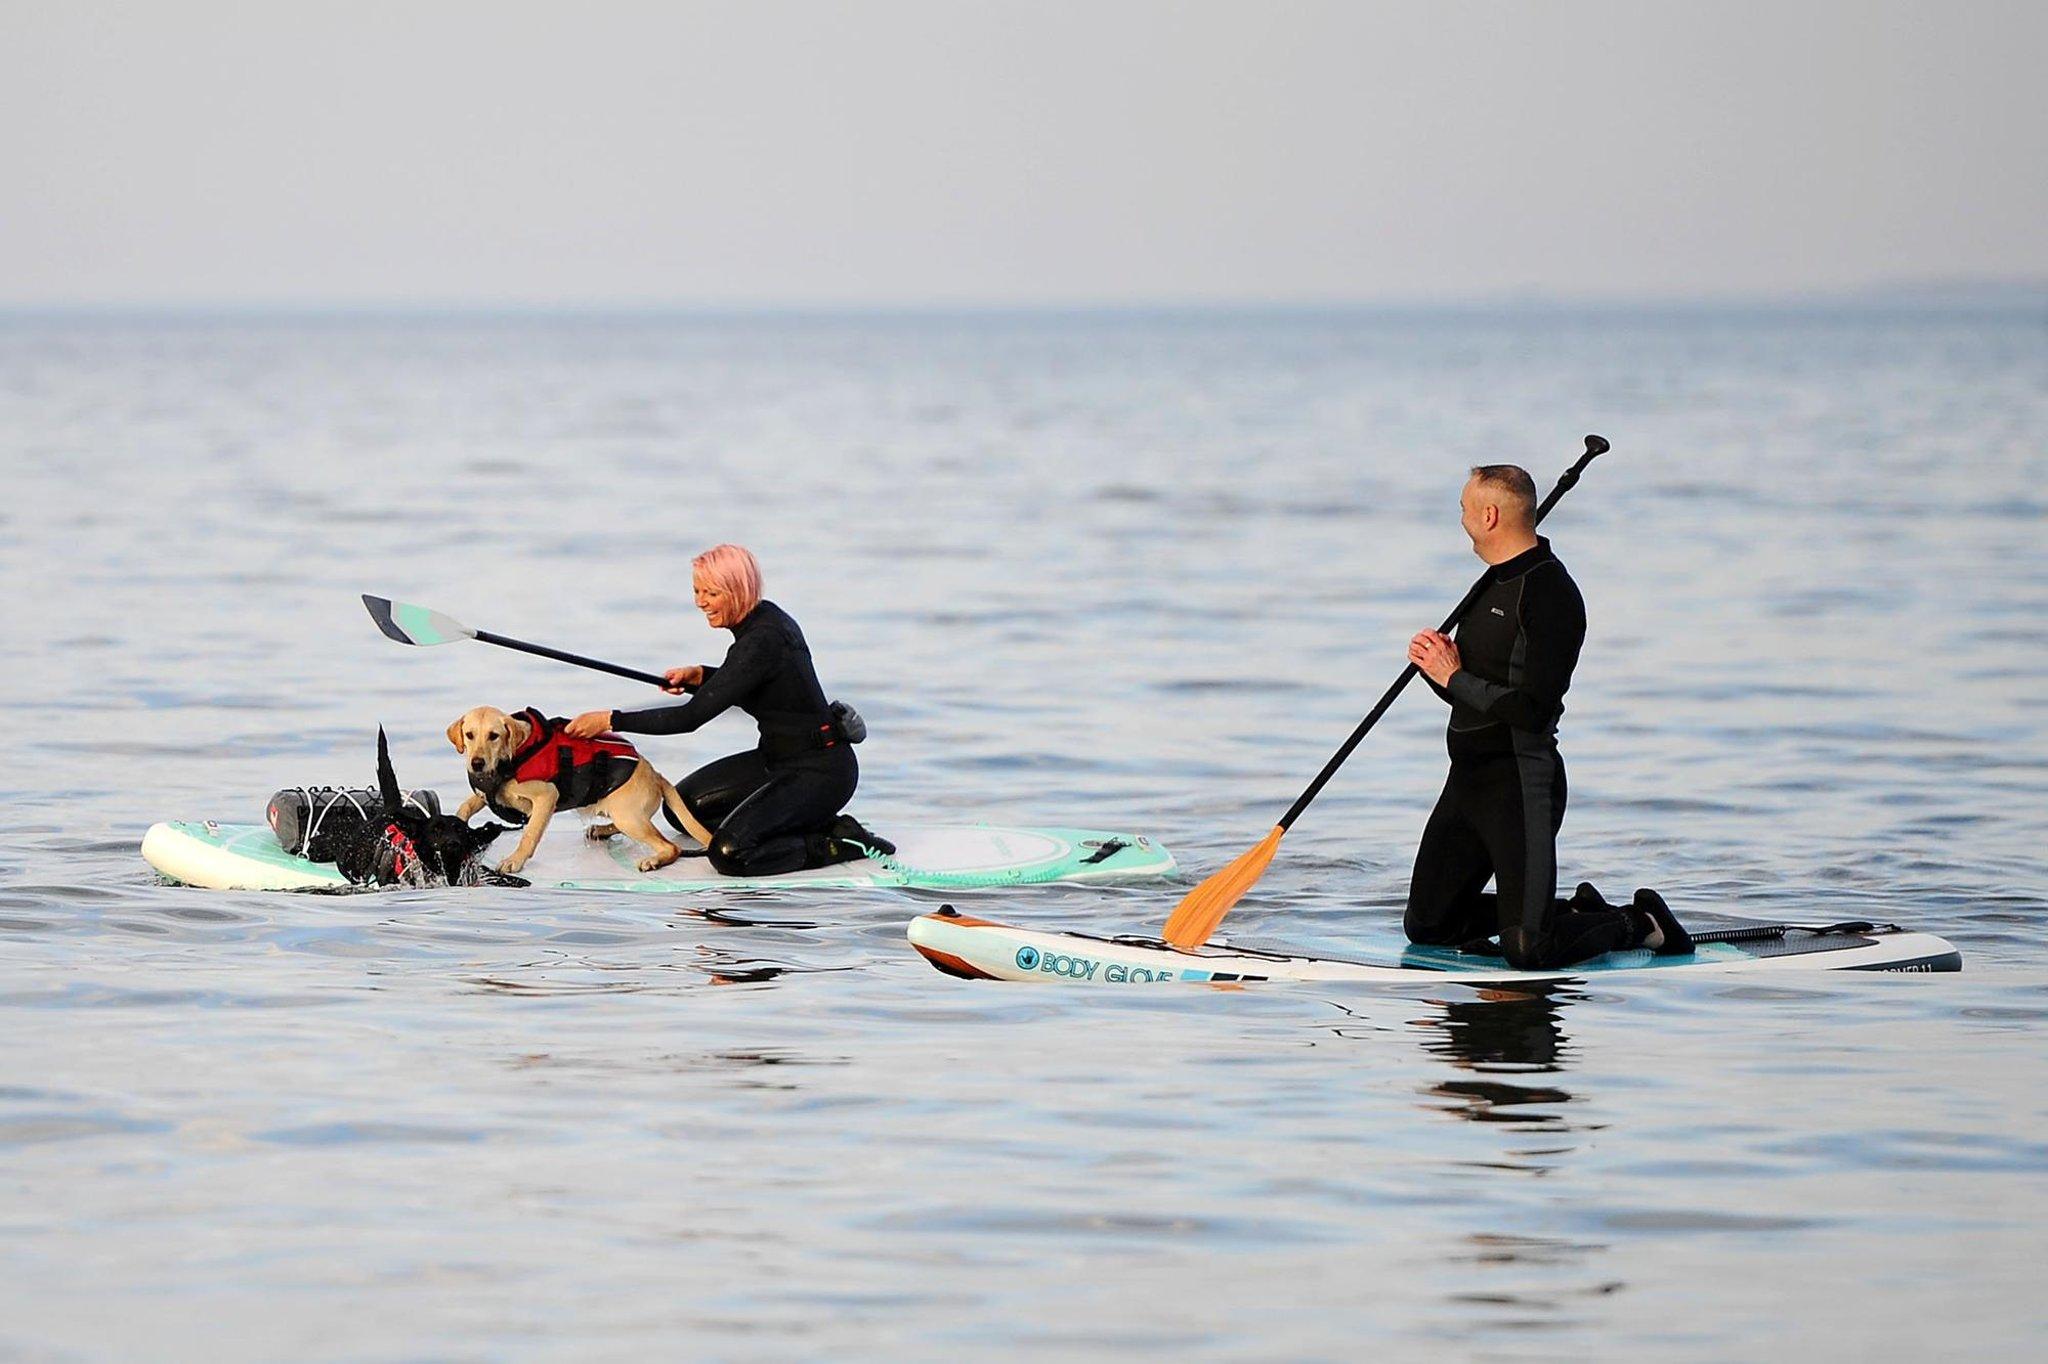 Tonton: Paddleboarders diselamatkan di dekat Pantai Portobello di tengah 'kondisi cuaca yang berubah'